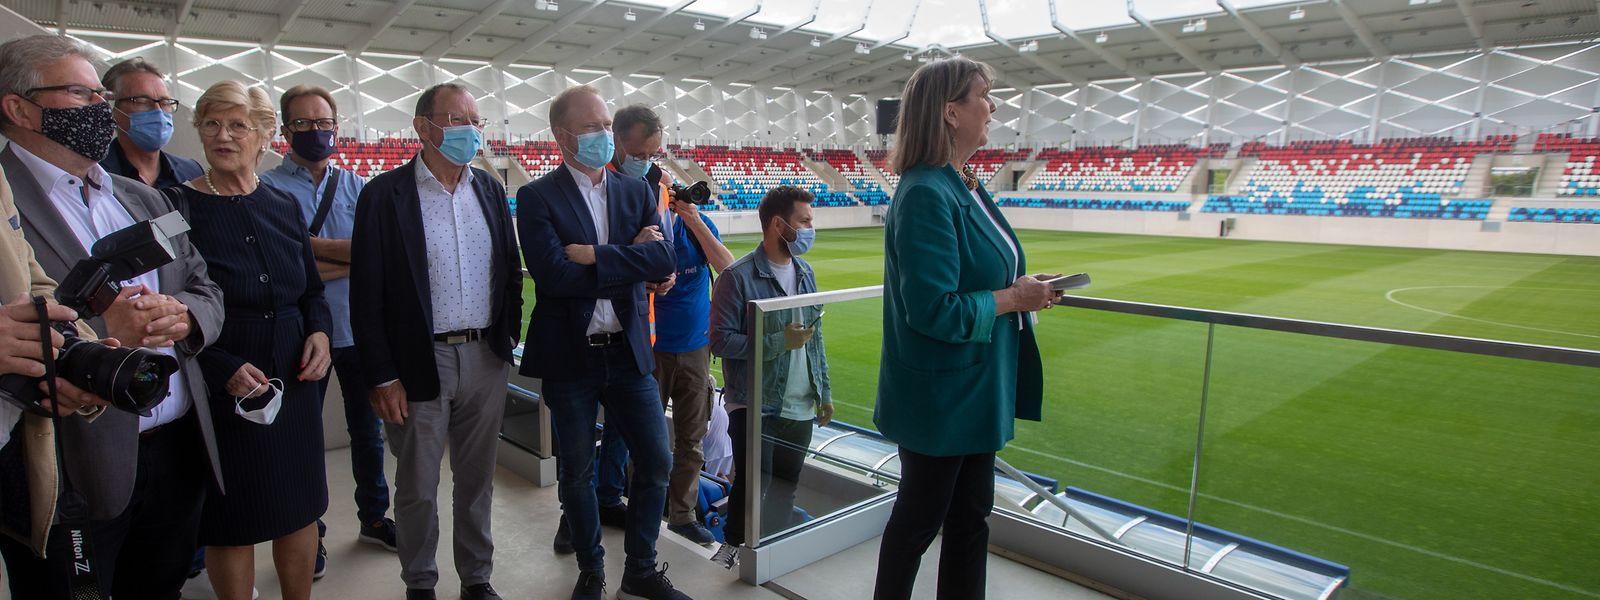 La bourgmestre Lydie Polfer a fait découvrir, notamment aux députés de la commission Sports, l'infrastructure pour laquelle la Ville de Luxembourg aura déboursé près de 23 millions d'euros et l'Etat 53 millions.